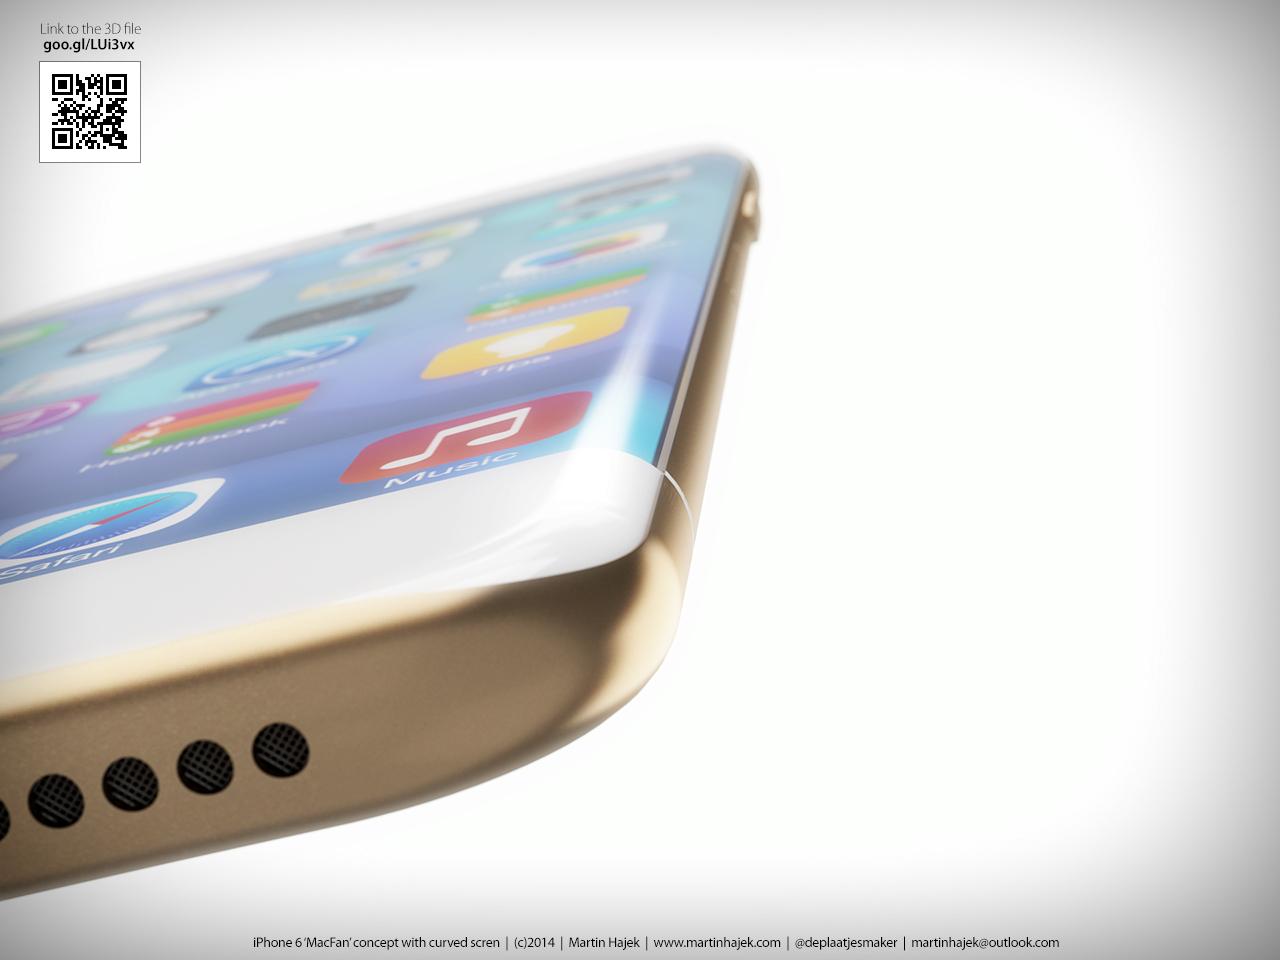 conceito-de-iphone-6-com-tela-curva-7